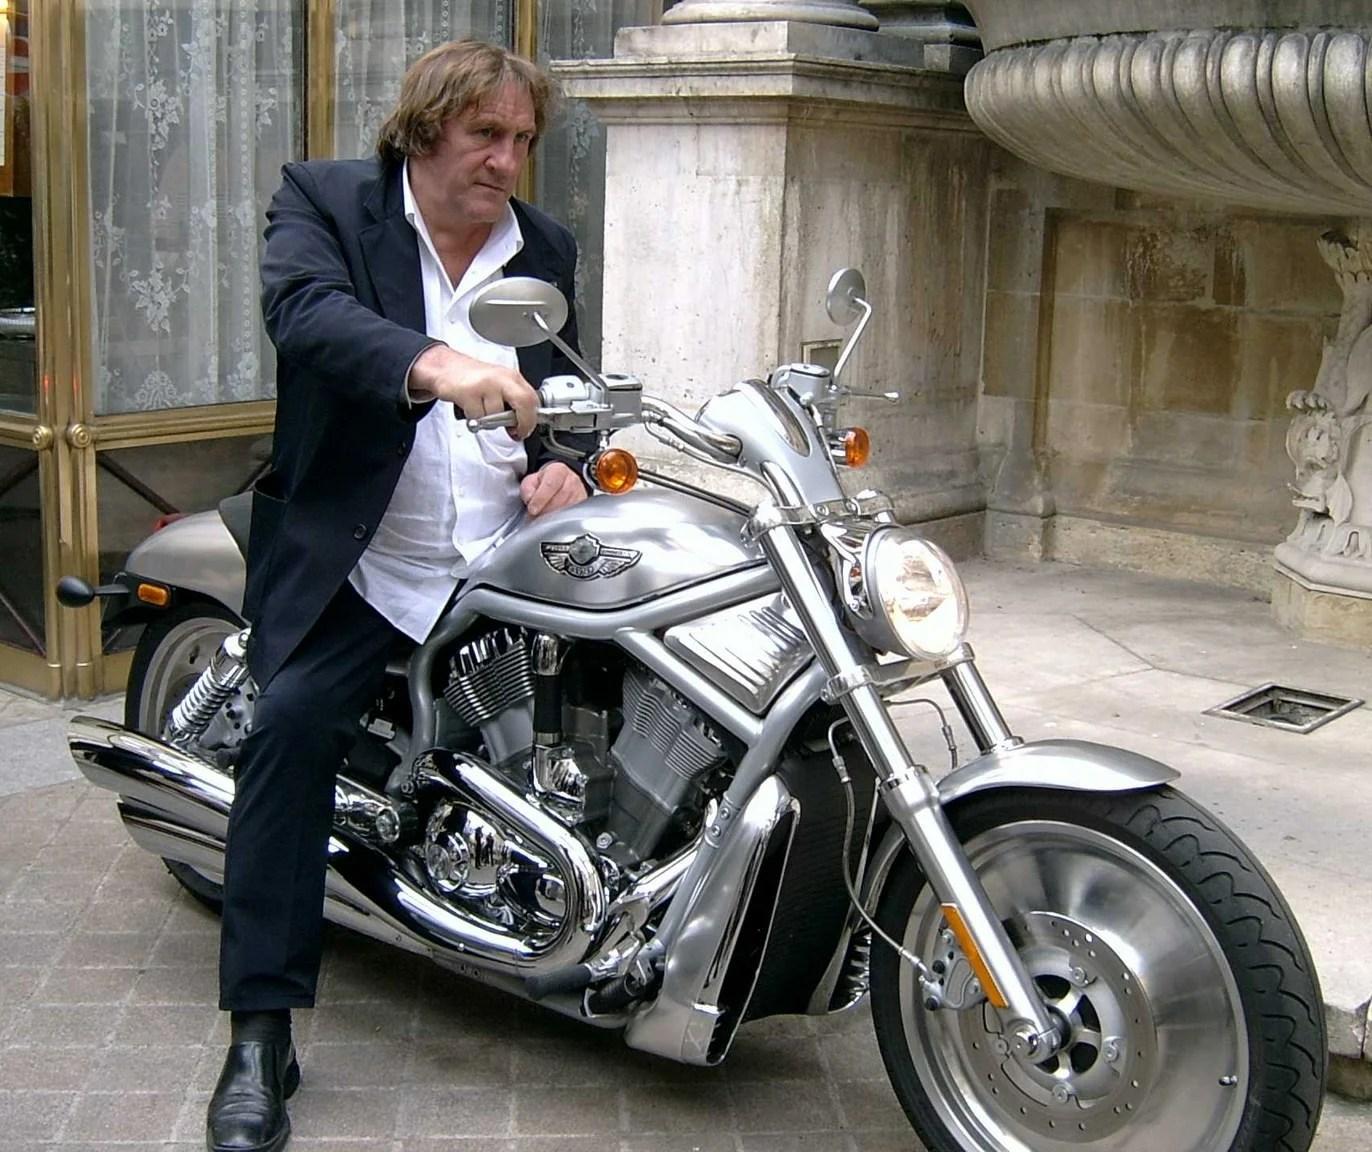 Daniela DAUDE Mobilier avec pièces auto Plein d'idées cadeaux pour fans d'autos/Motos Article sur Depardieu est ses motos dont une Harley Davidson V-ROD